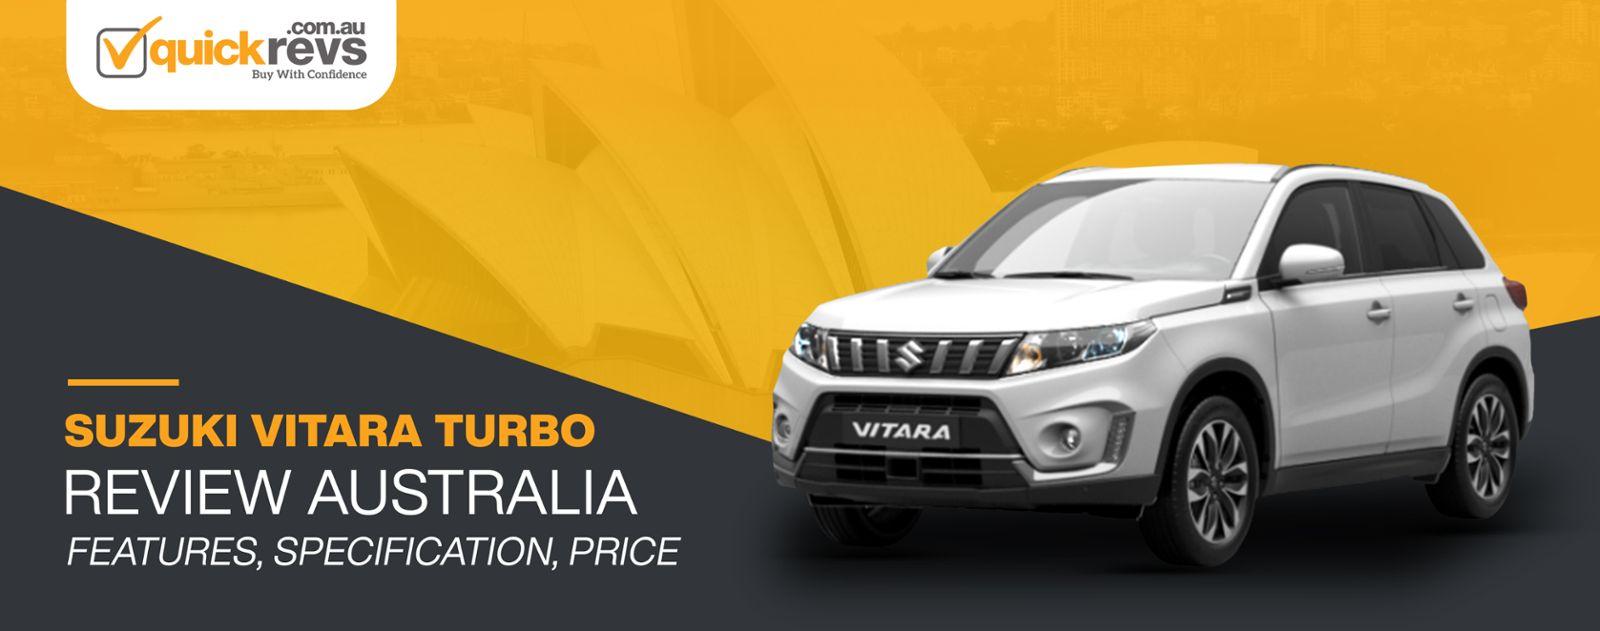 Suzuki Vitara Turbo Review Australia